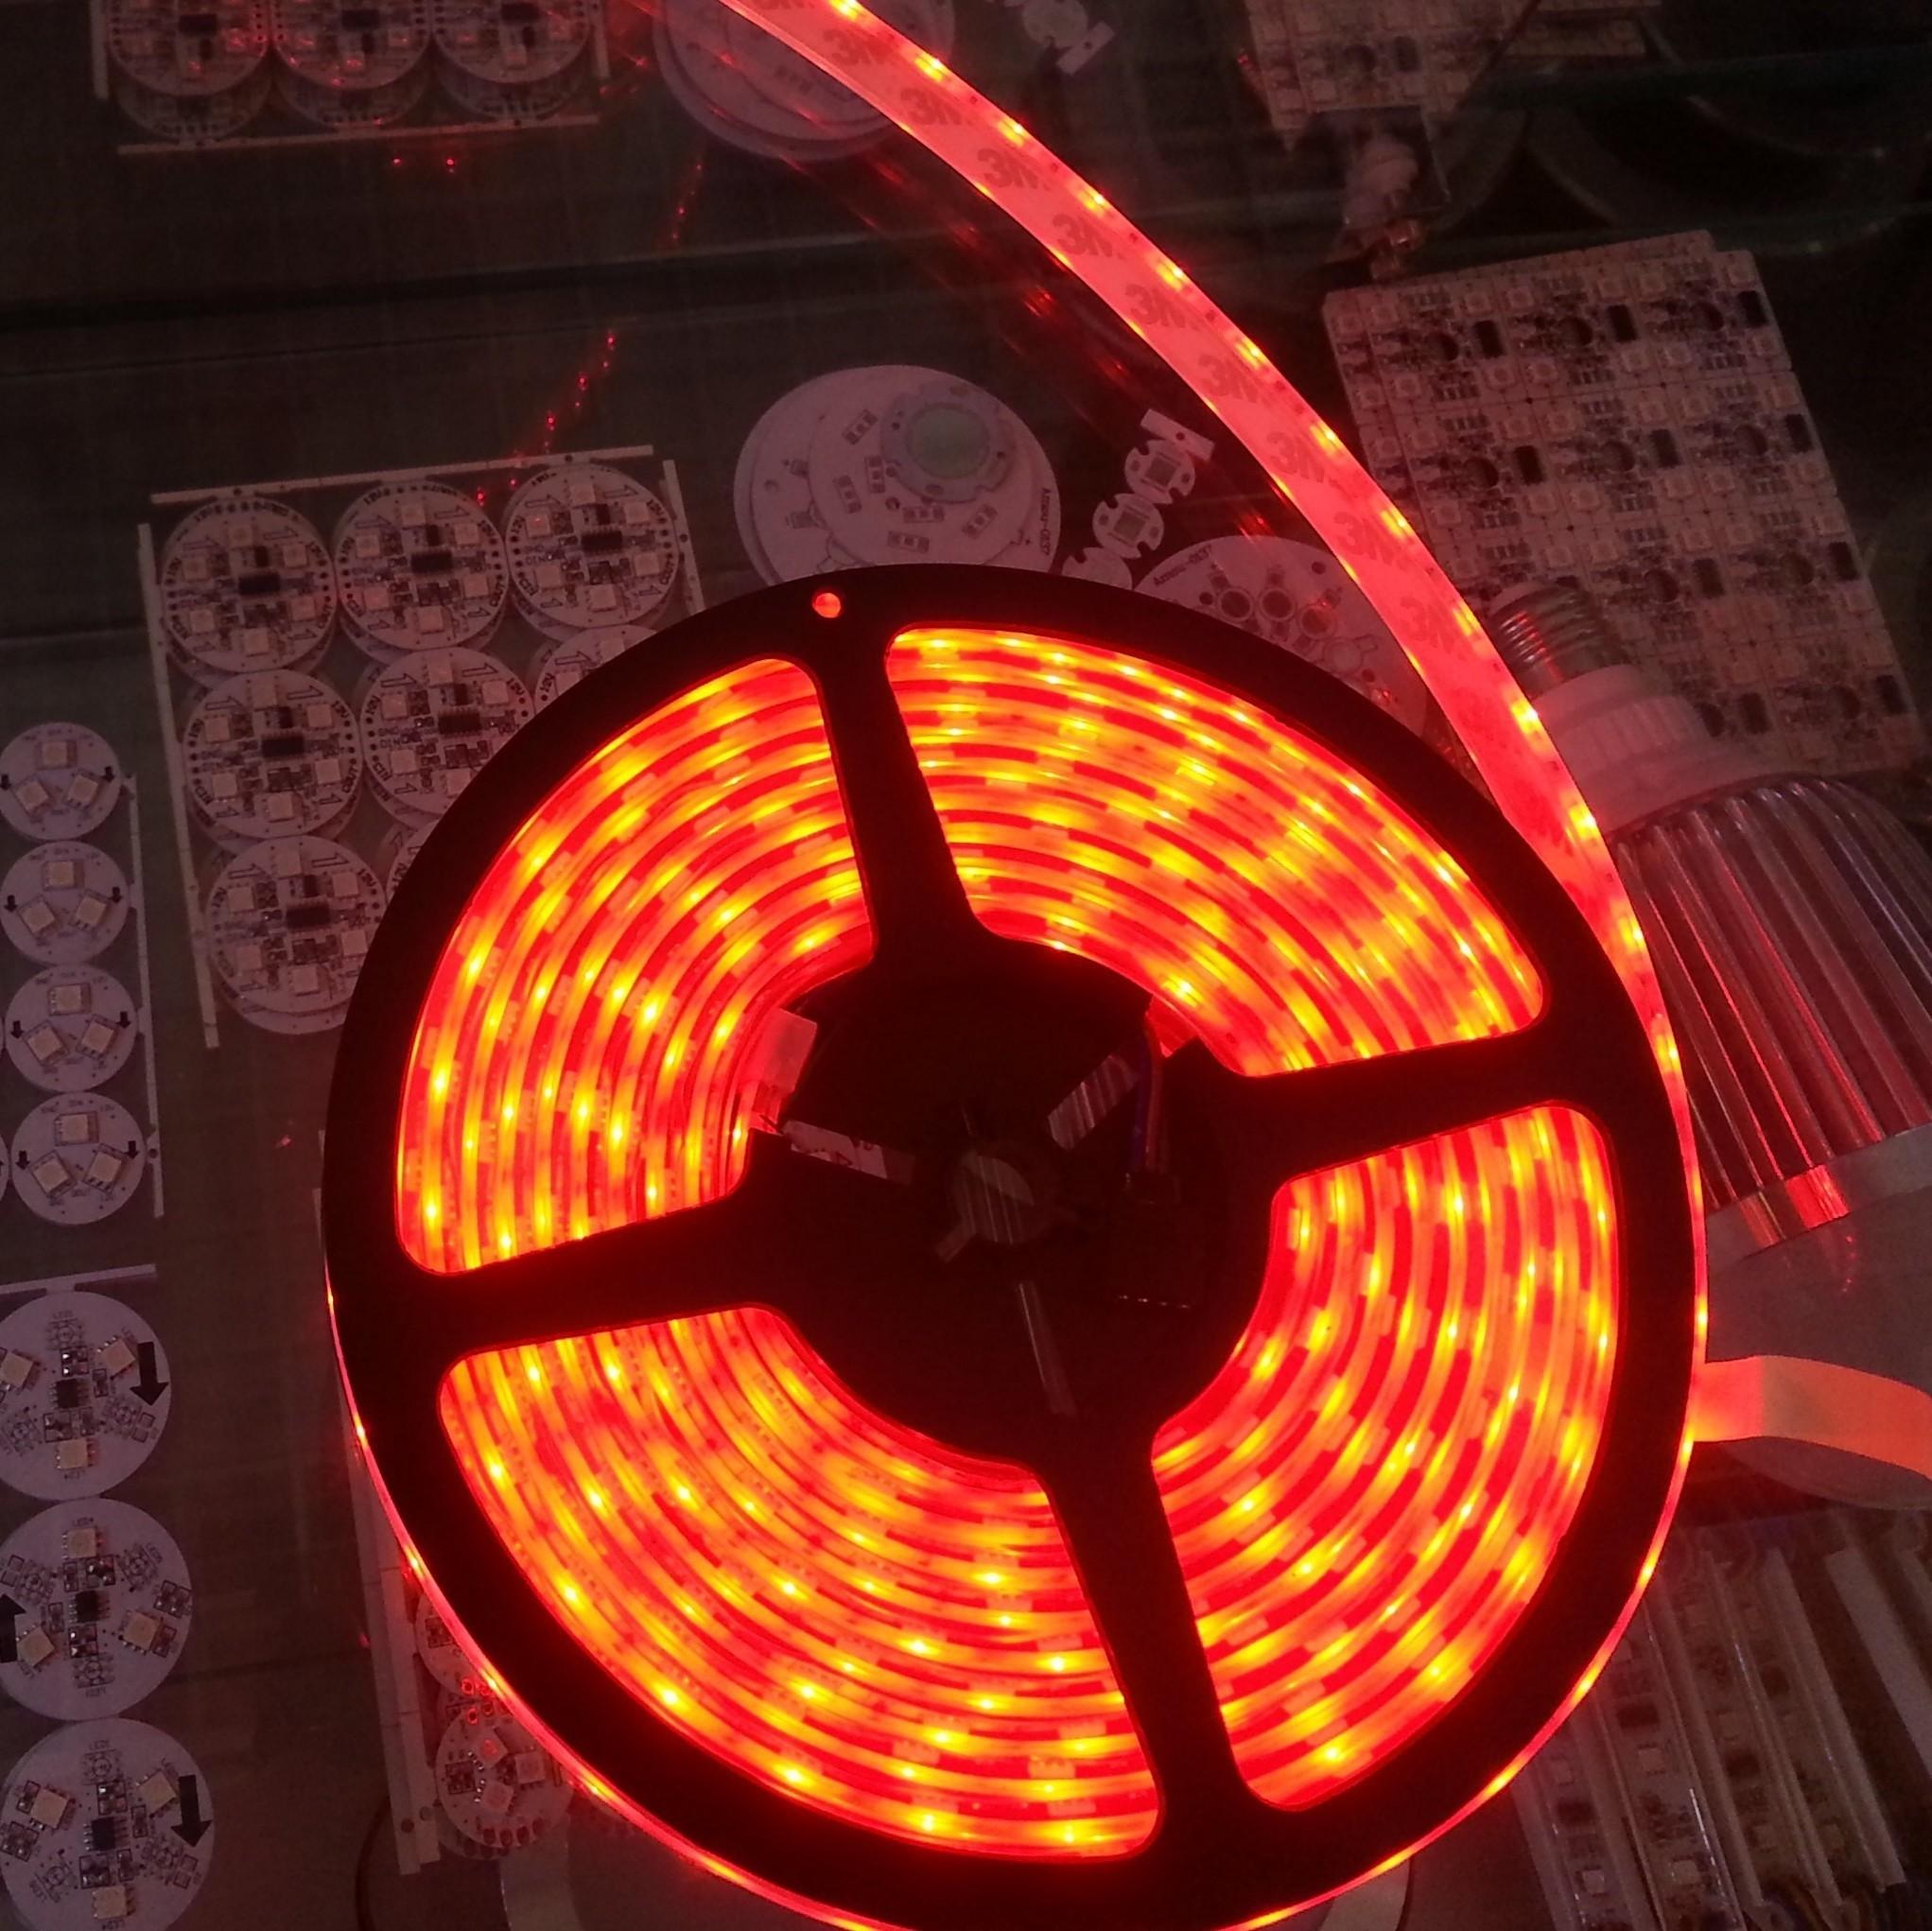 16.4 Ft IP68 RGB LED Strip 12v 5M 300 LEDs SMD 5050 Waterproof Light